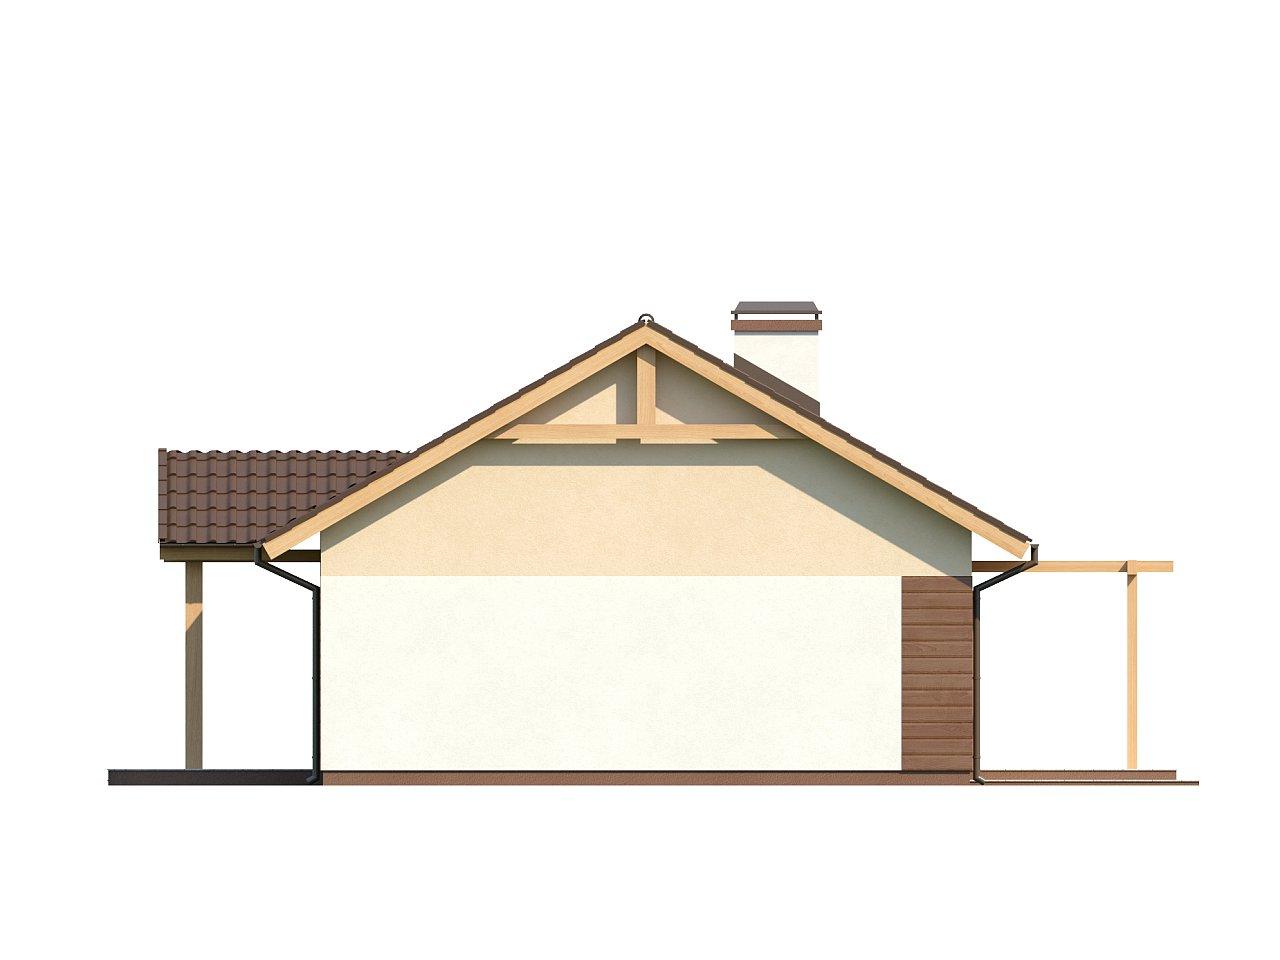 Аккуратный одноэтажный дом простой формы с двускатной крышей. 5